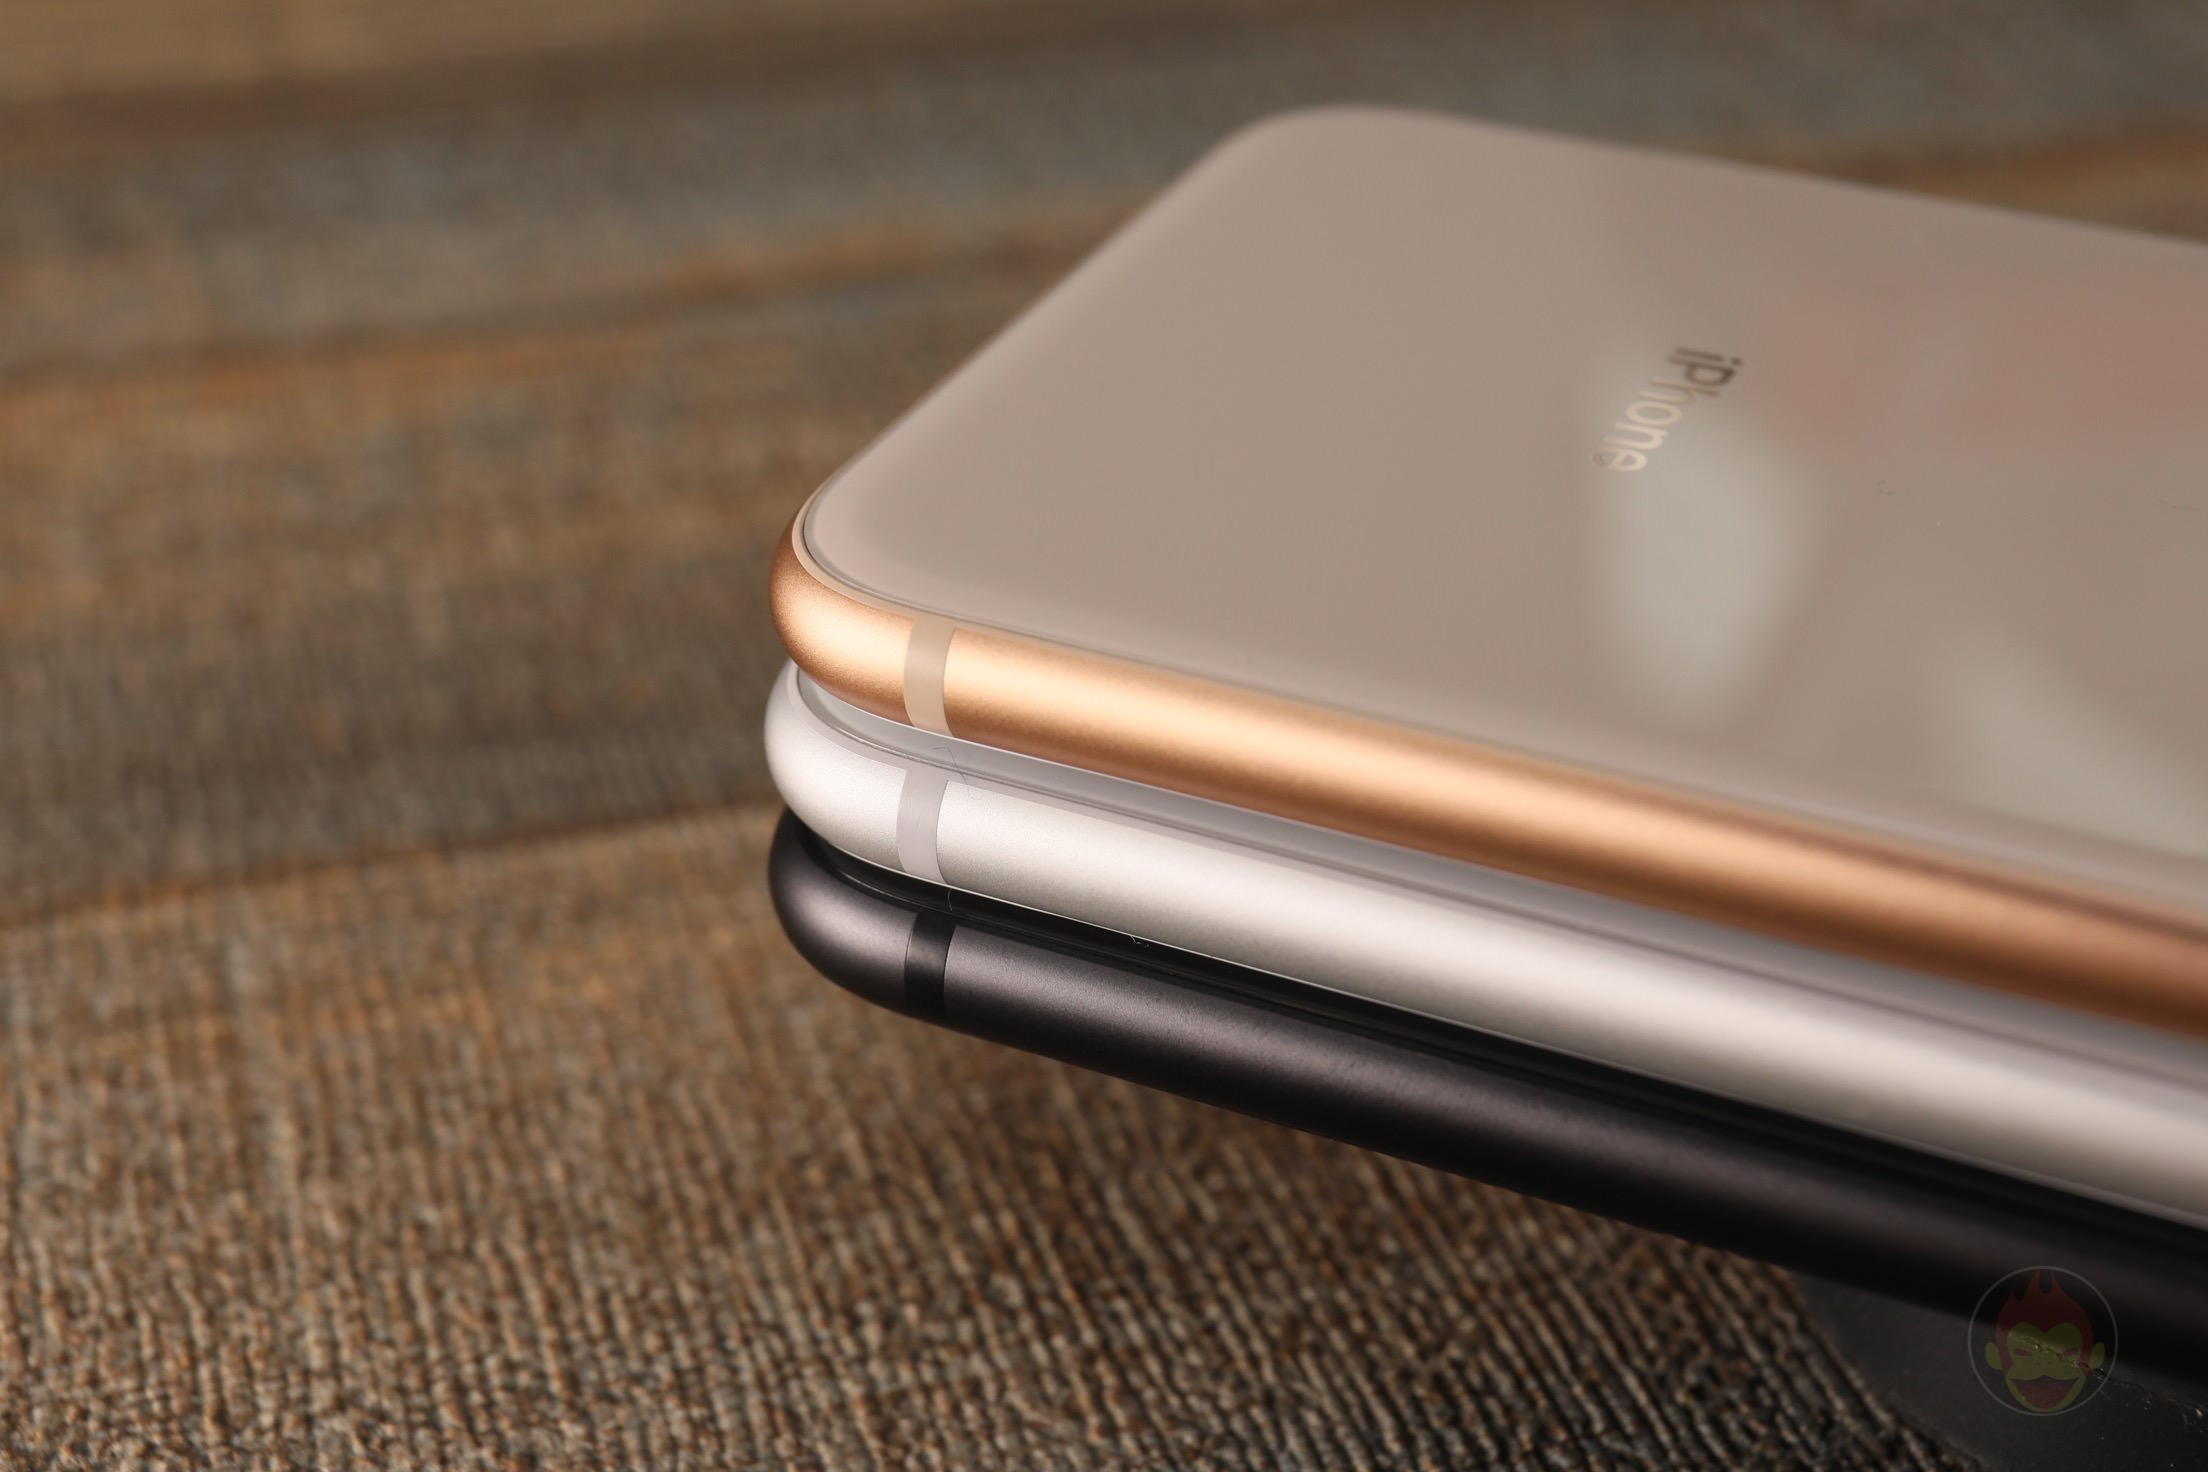 iPhone8Plus-Color-Variation-53.JPG